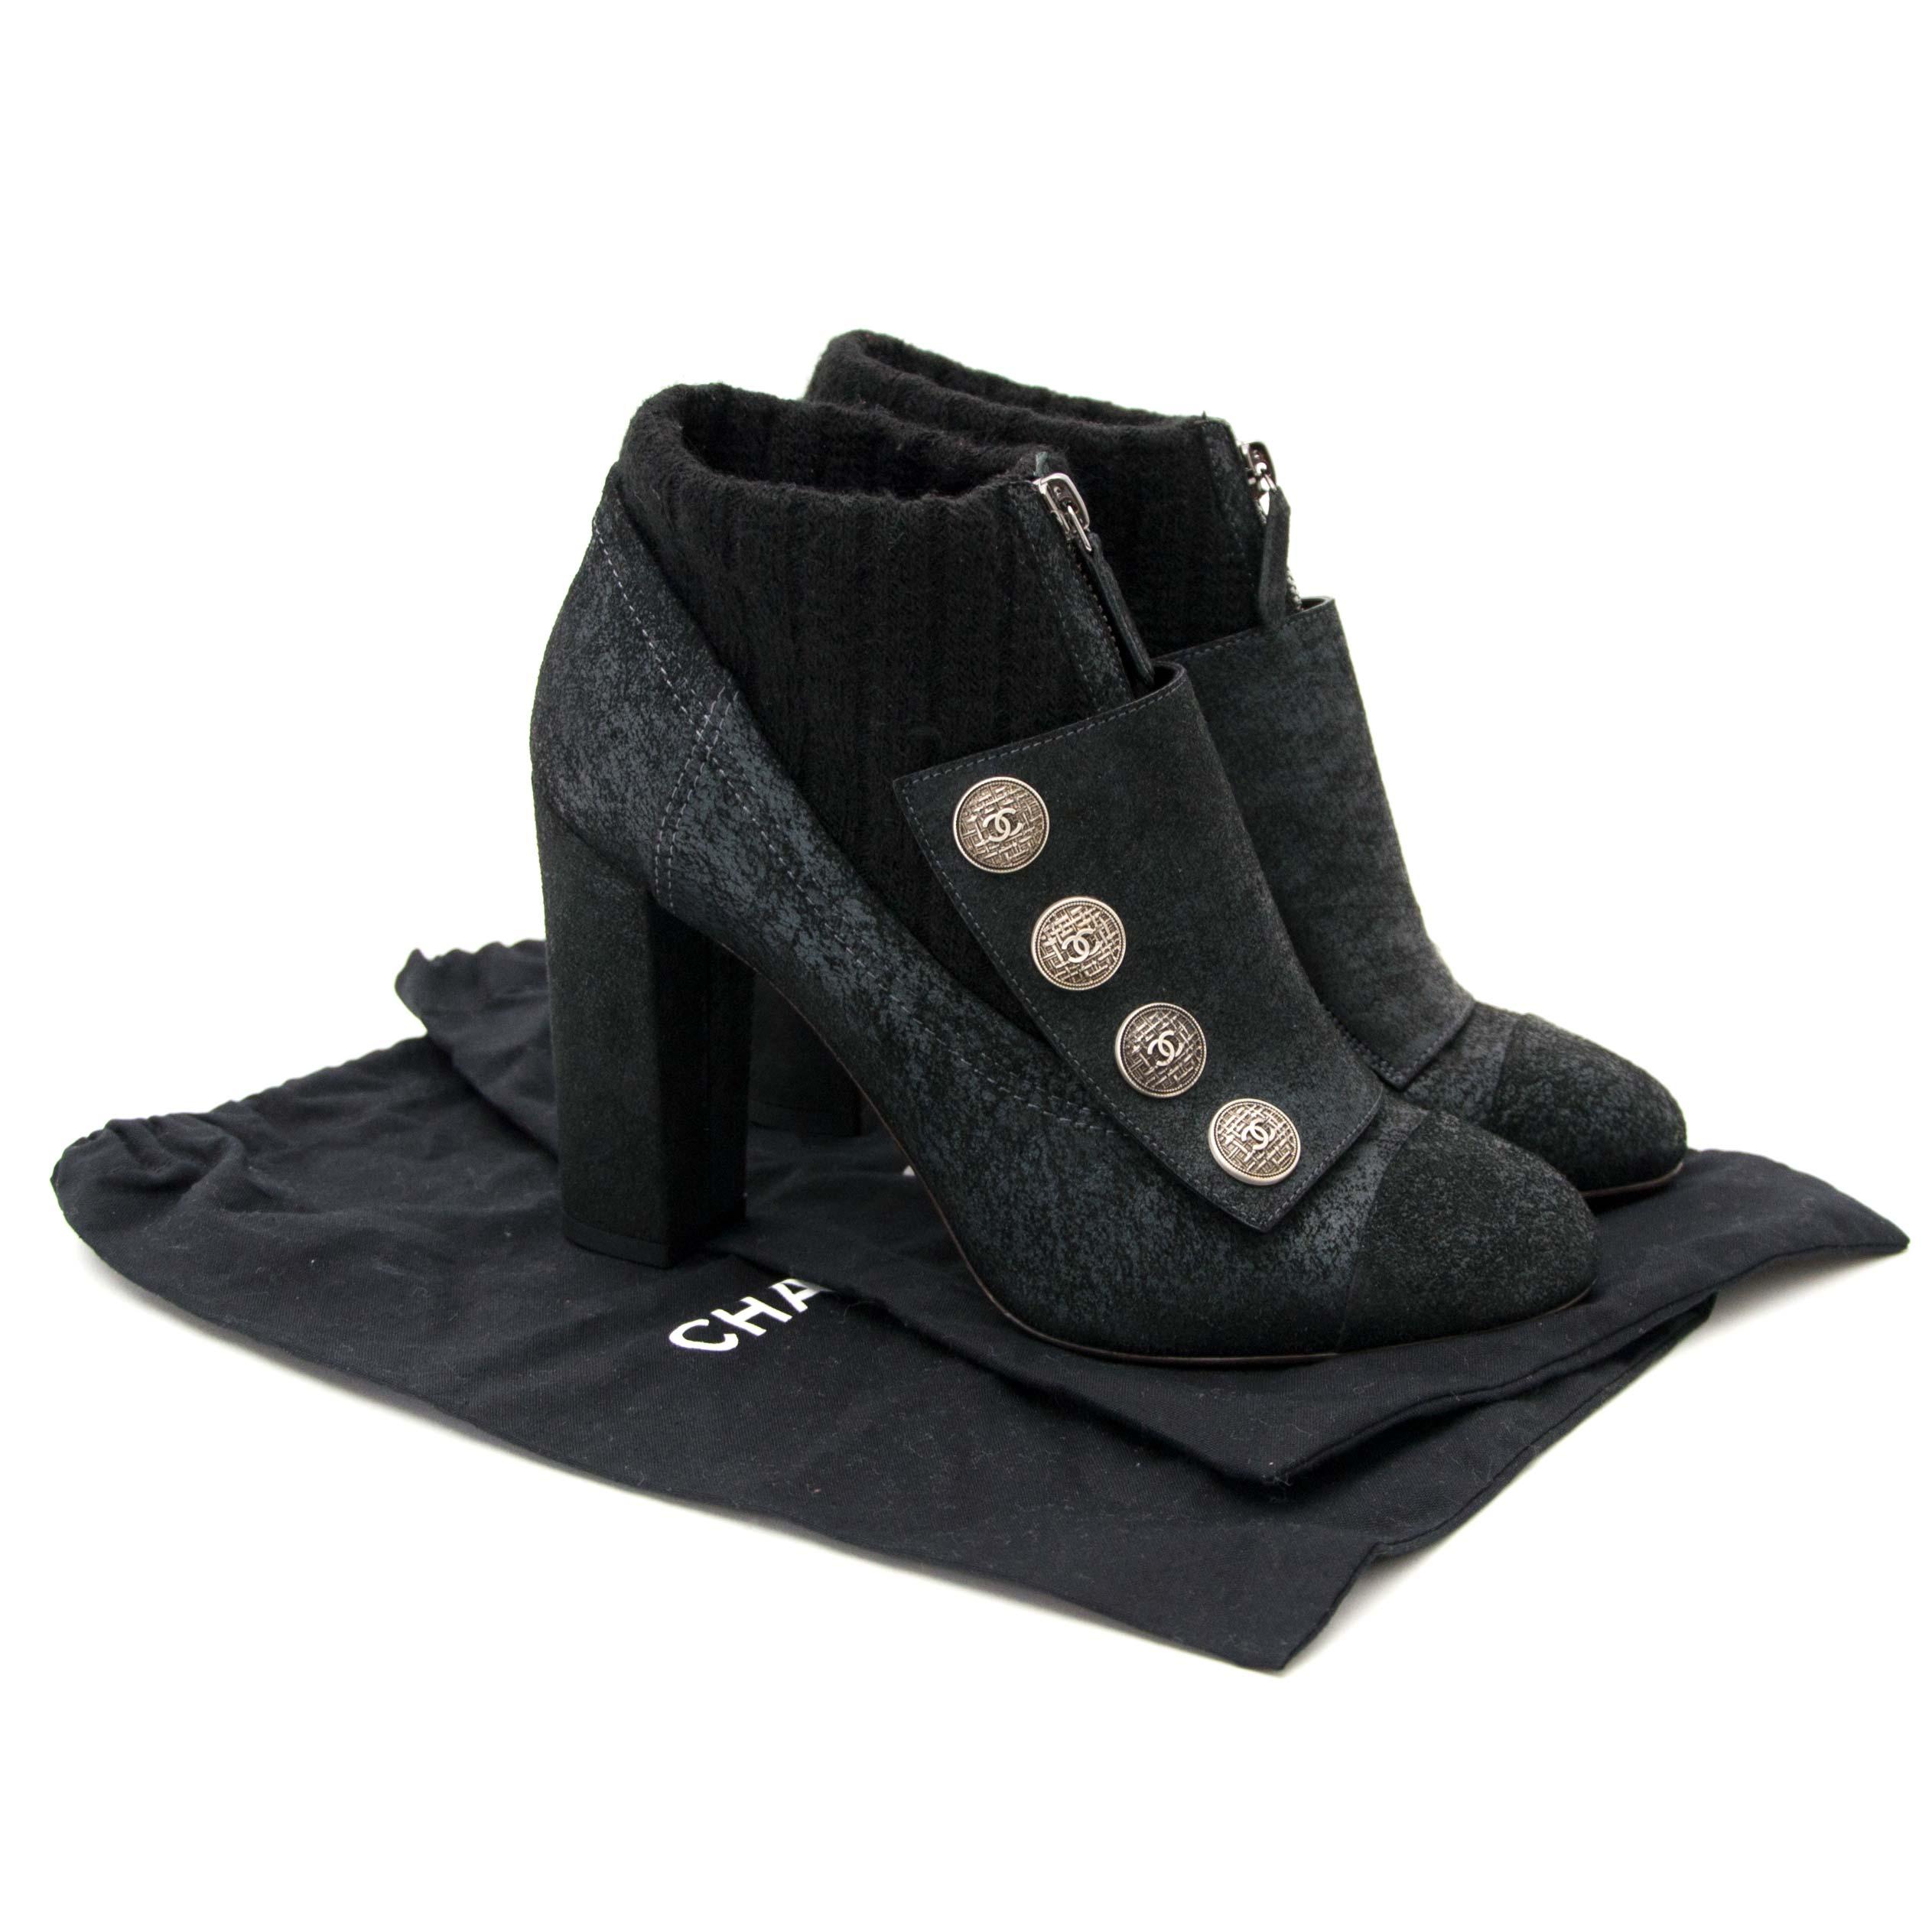 Acheter et vendre votre Chanel Sock Boots pour le meilleur prix chez Labellov à Anvers